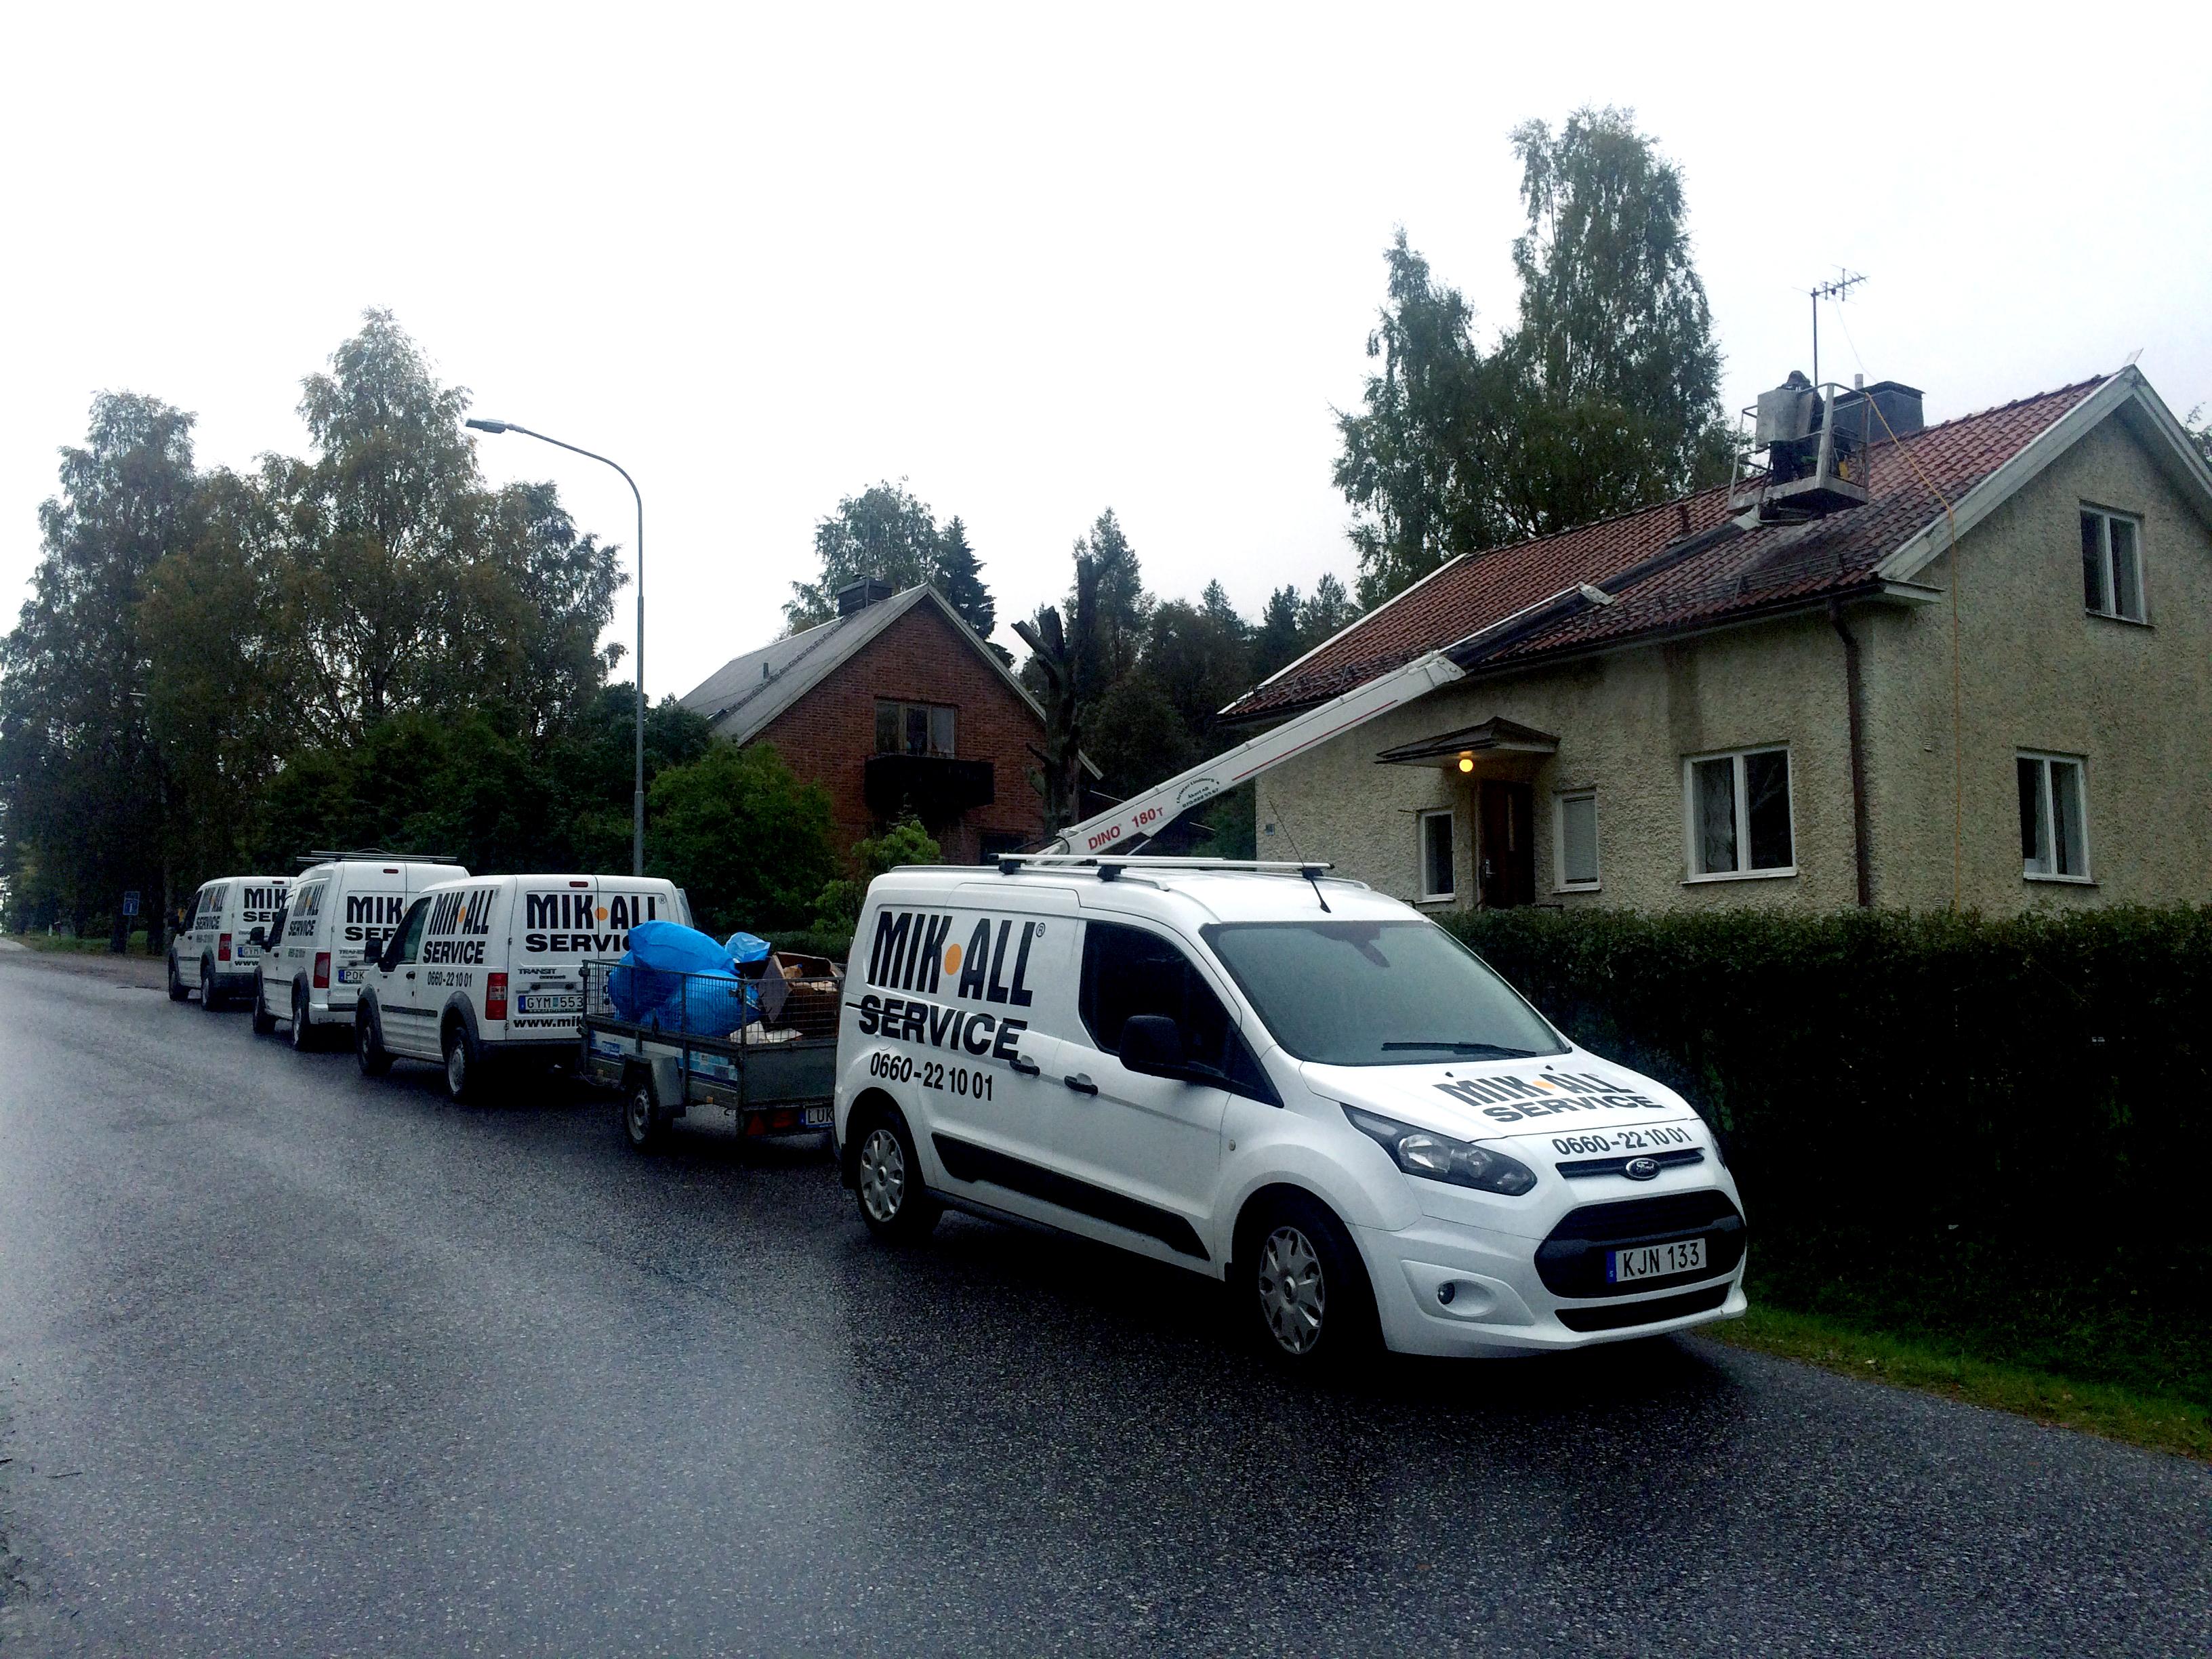 MIK ALL Service AB färdigställer ett hus för uthyrning.